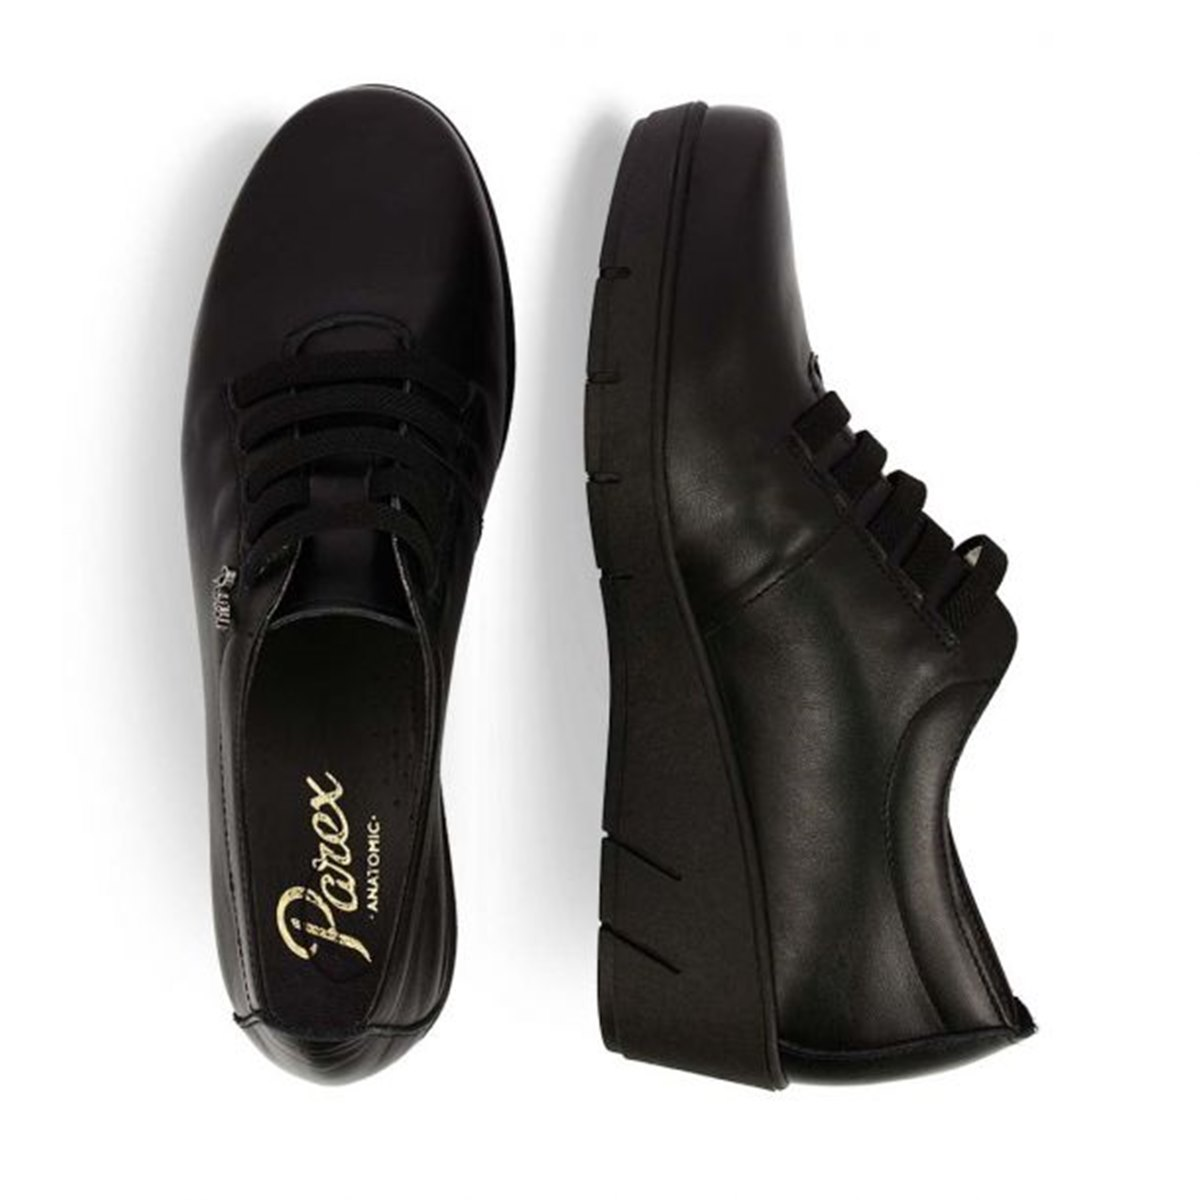 Γυναικεία Δερμάτινα sneaker Parex 10720002 μαύρο